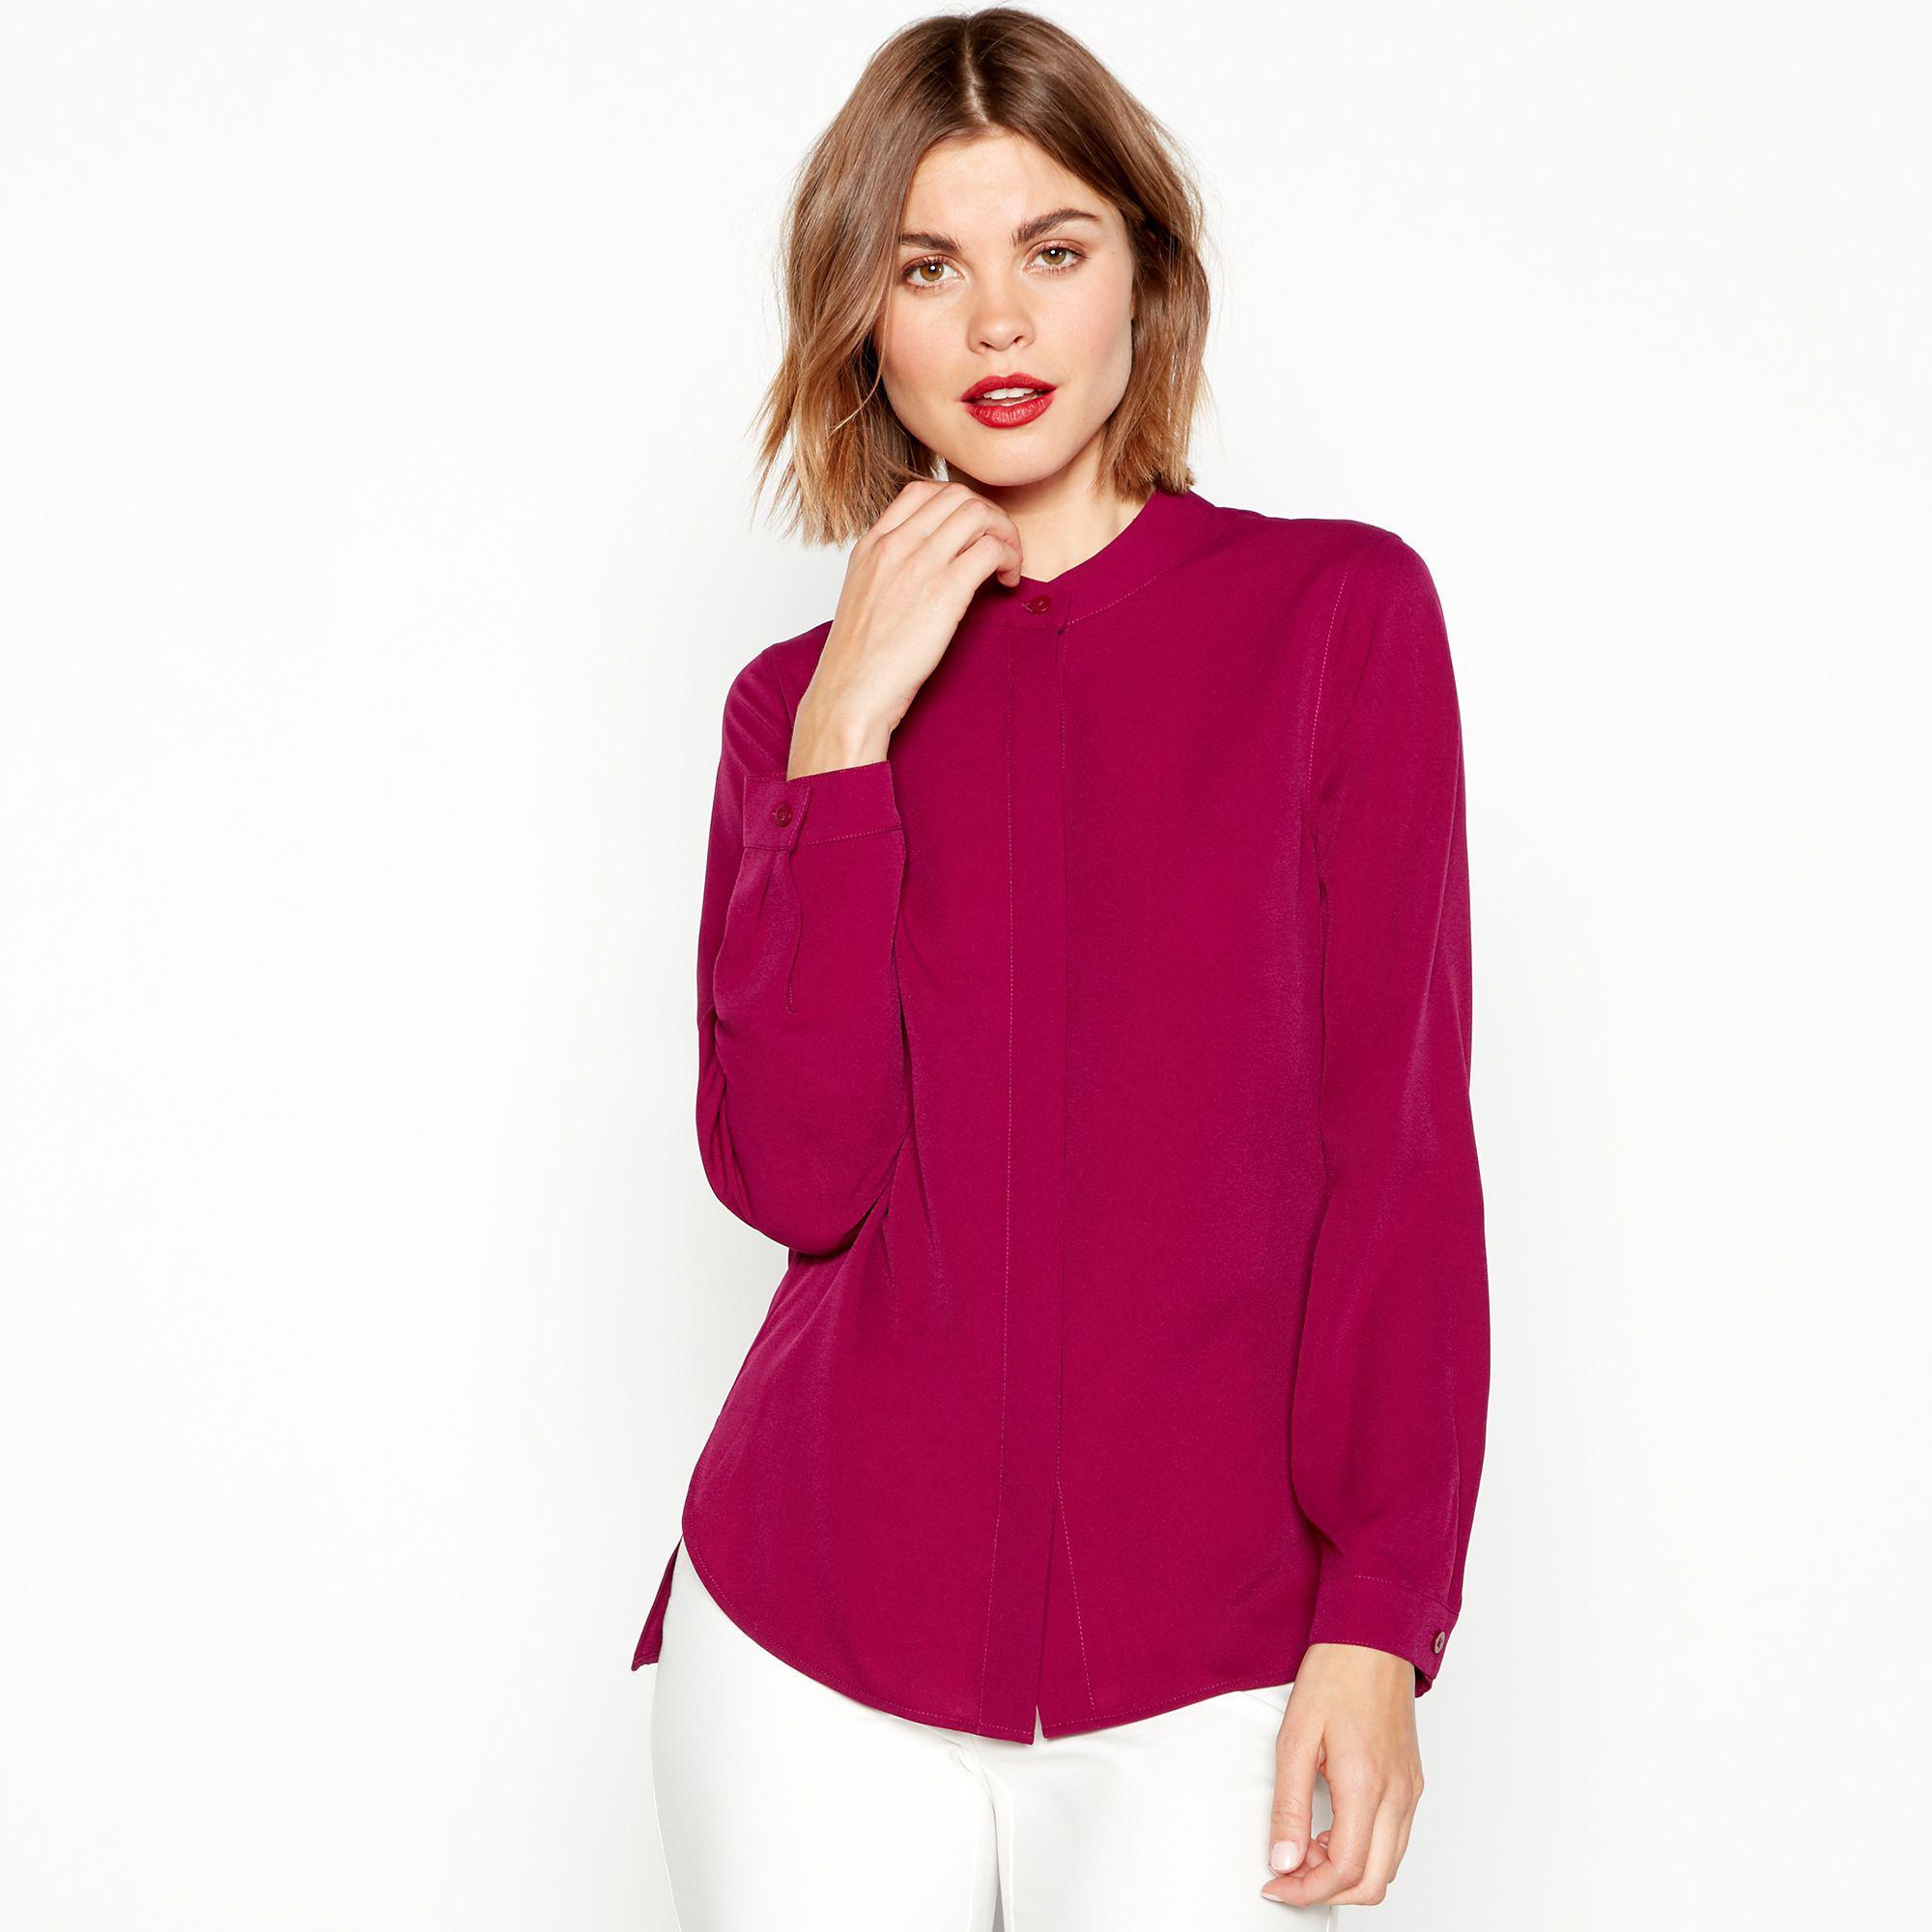 ce3502d6b144a5 J By Jasper Conran Dark Pink Chiffon Grandad Shirt in Pink - Lyst